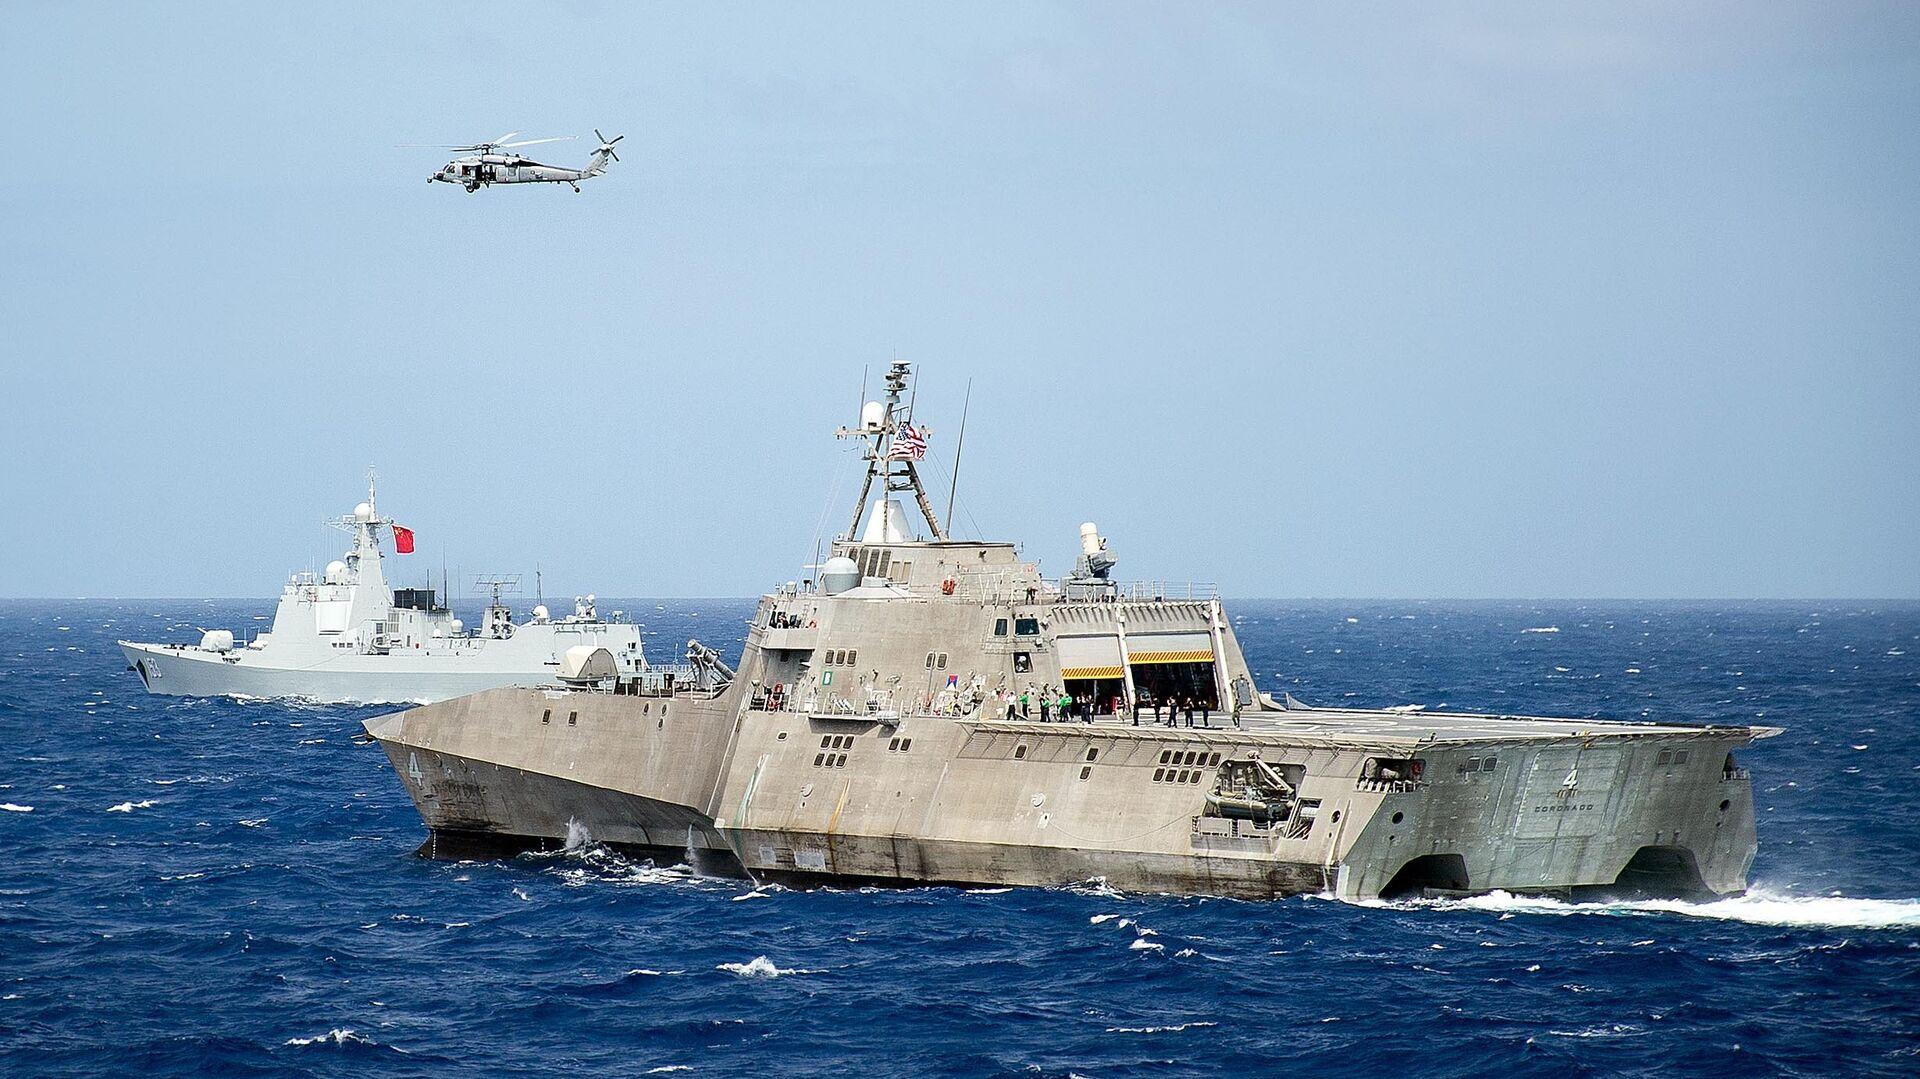 Корабль ВМС США LCS Coronado во время учений стран Азиатско-Тихоокеанского региона в Тихом океане. Июль 2016 - РИА Новости, 1920, 03.02.2021